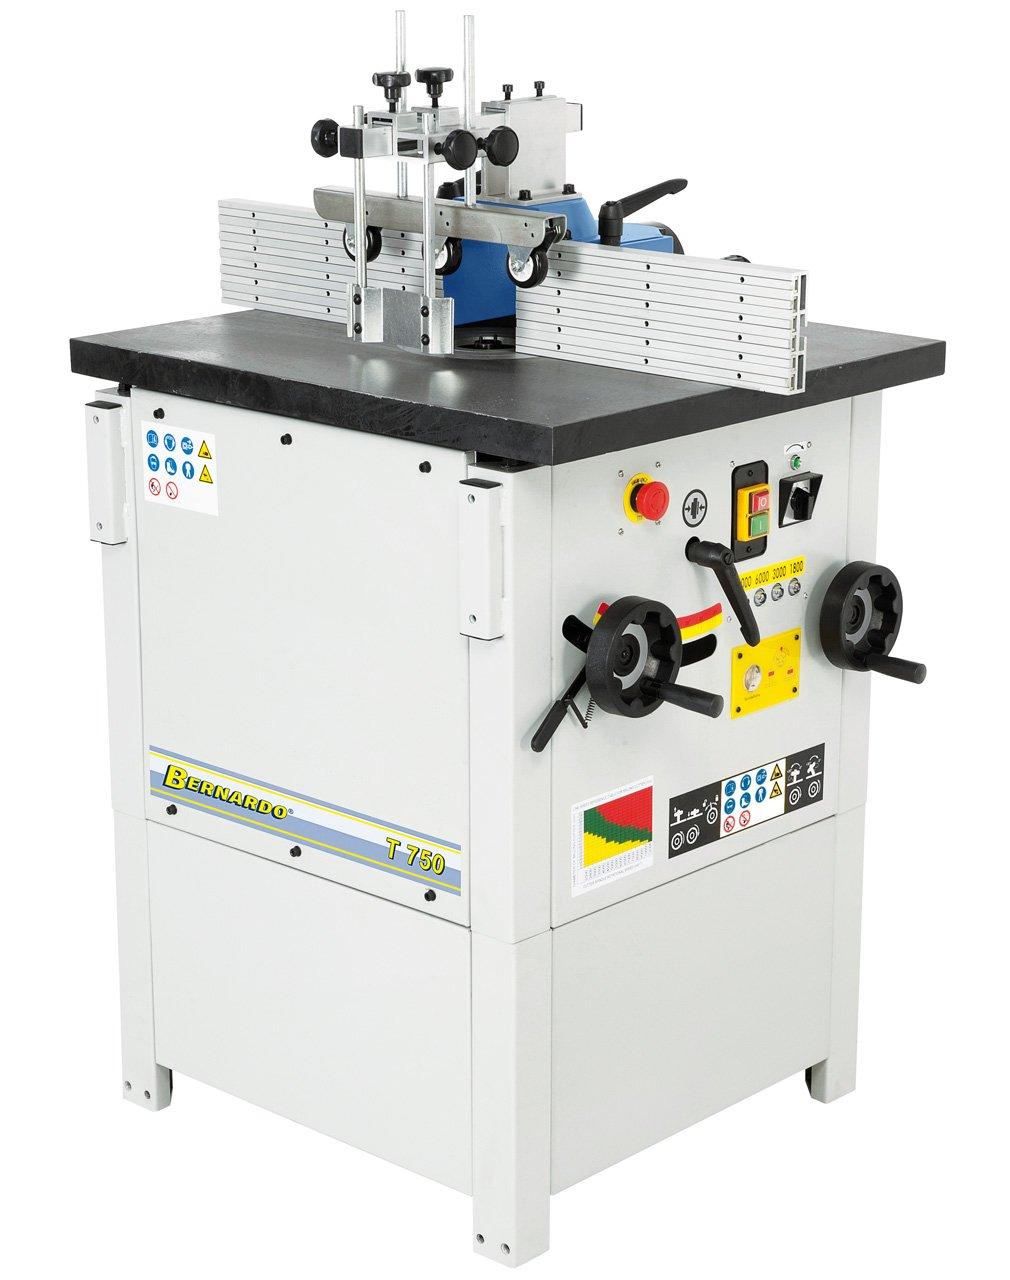 T 750 - 400 V